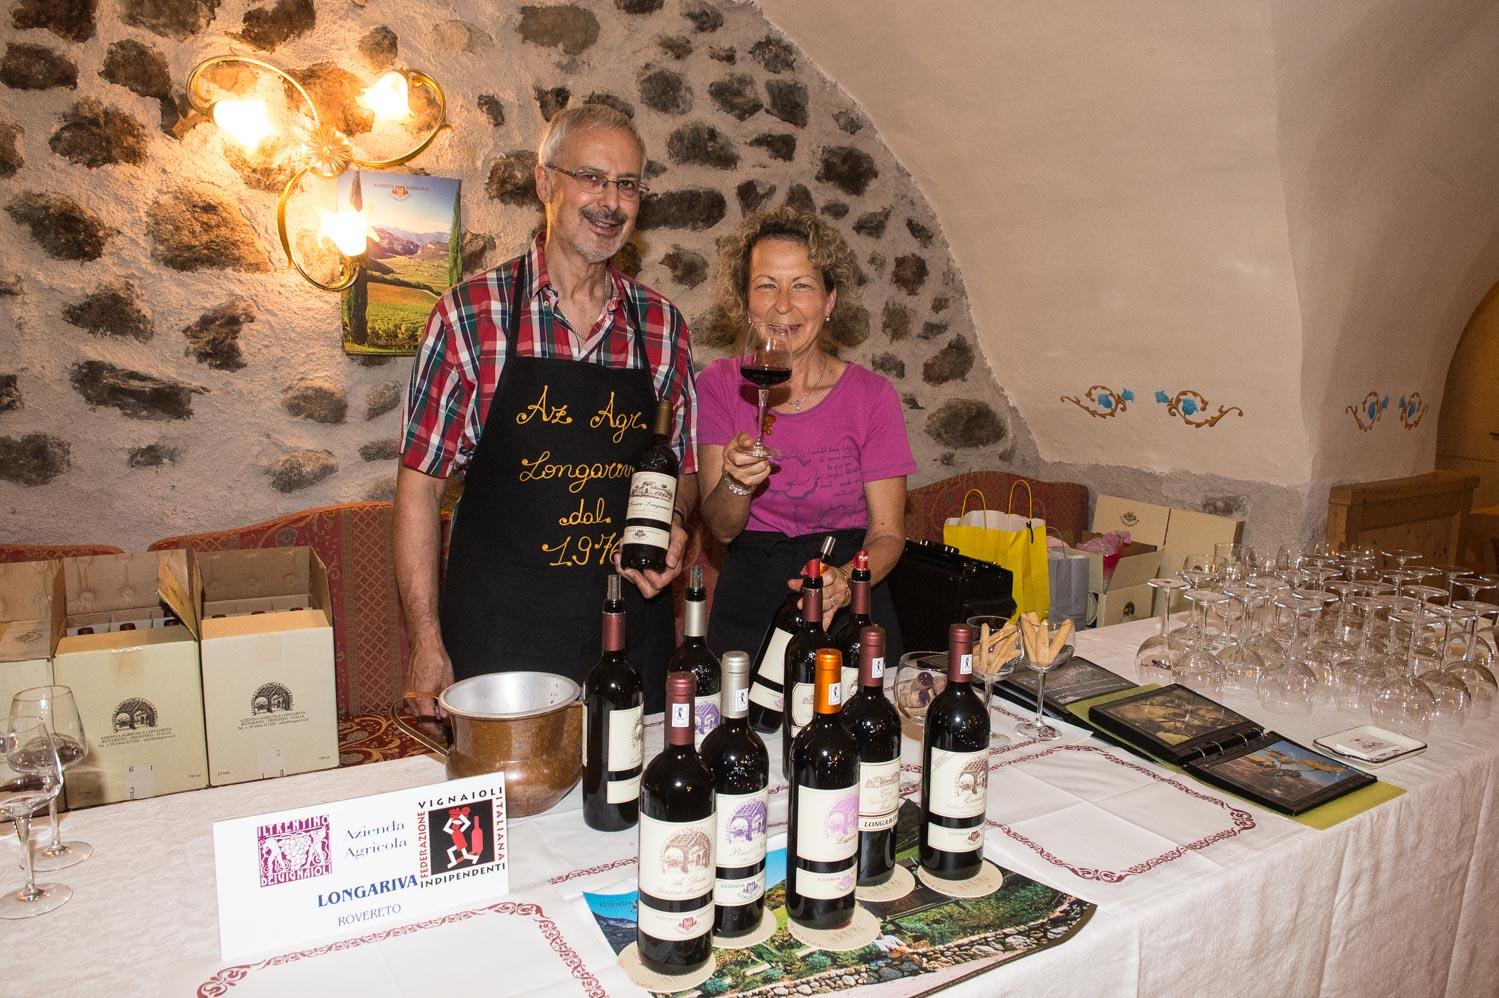 Marco e Rosanna Manica dell'Azienda Agricola offrono assaggi dei loro vini